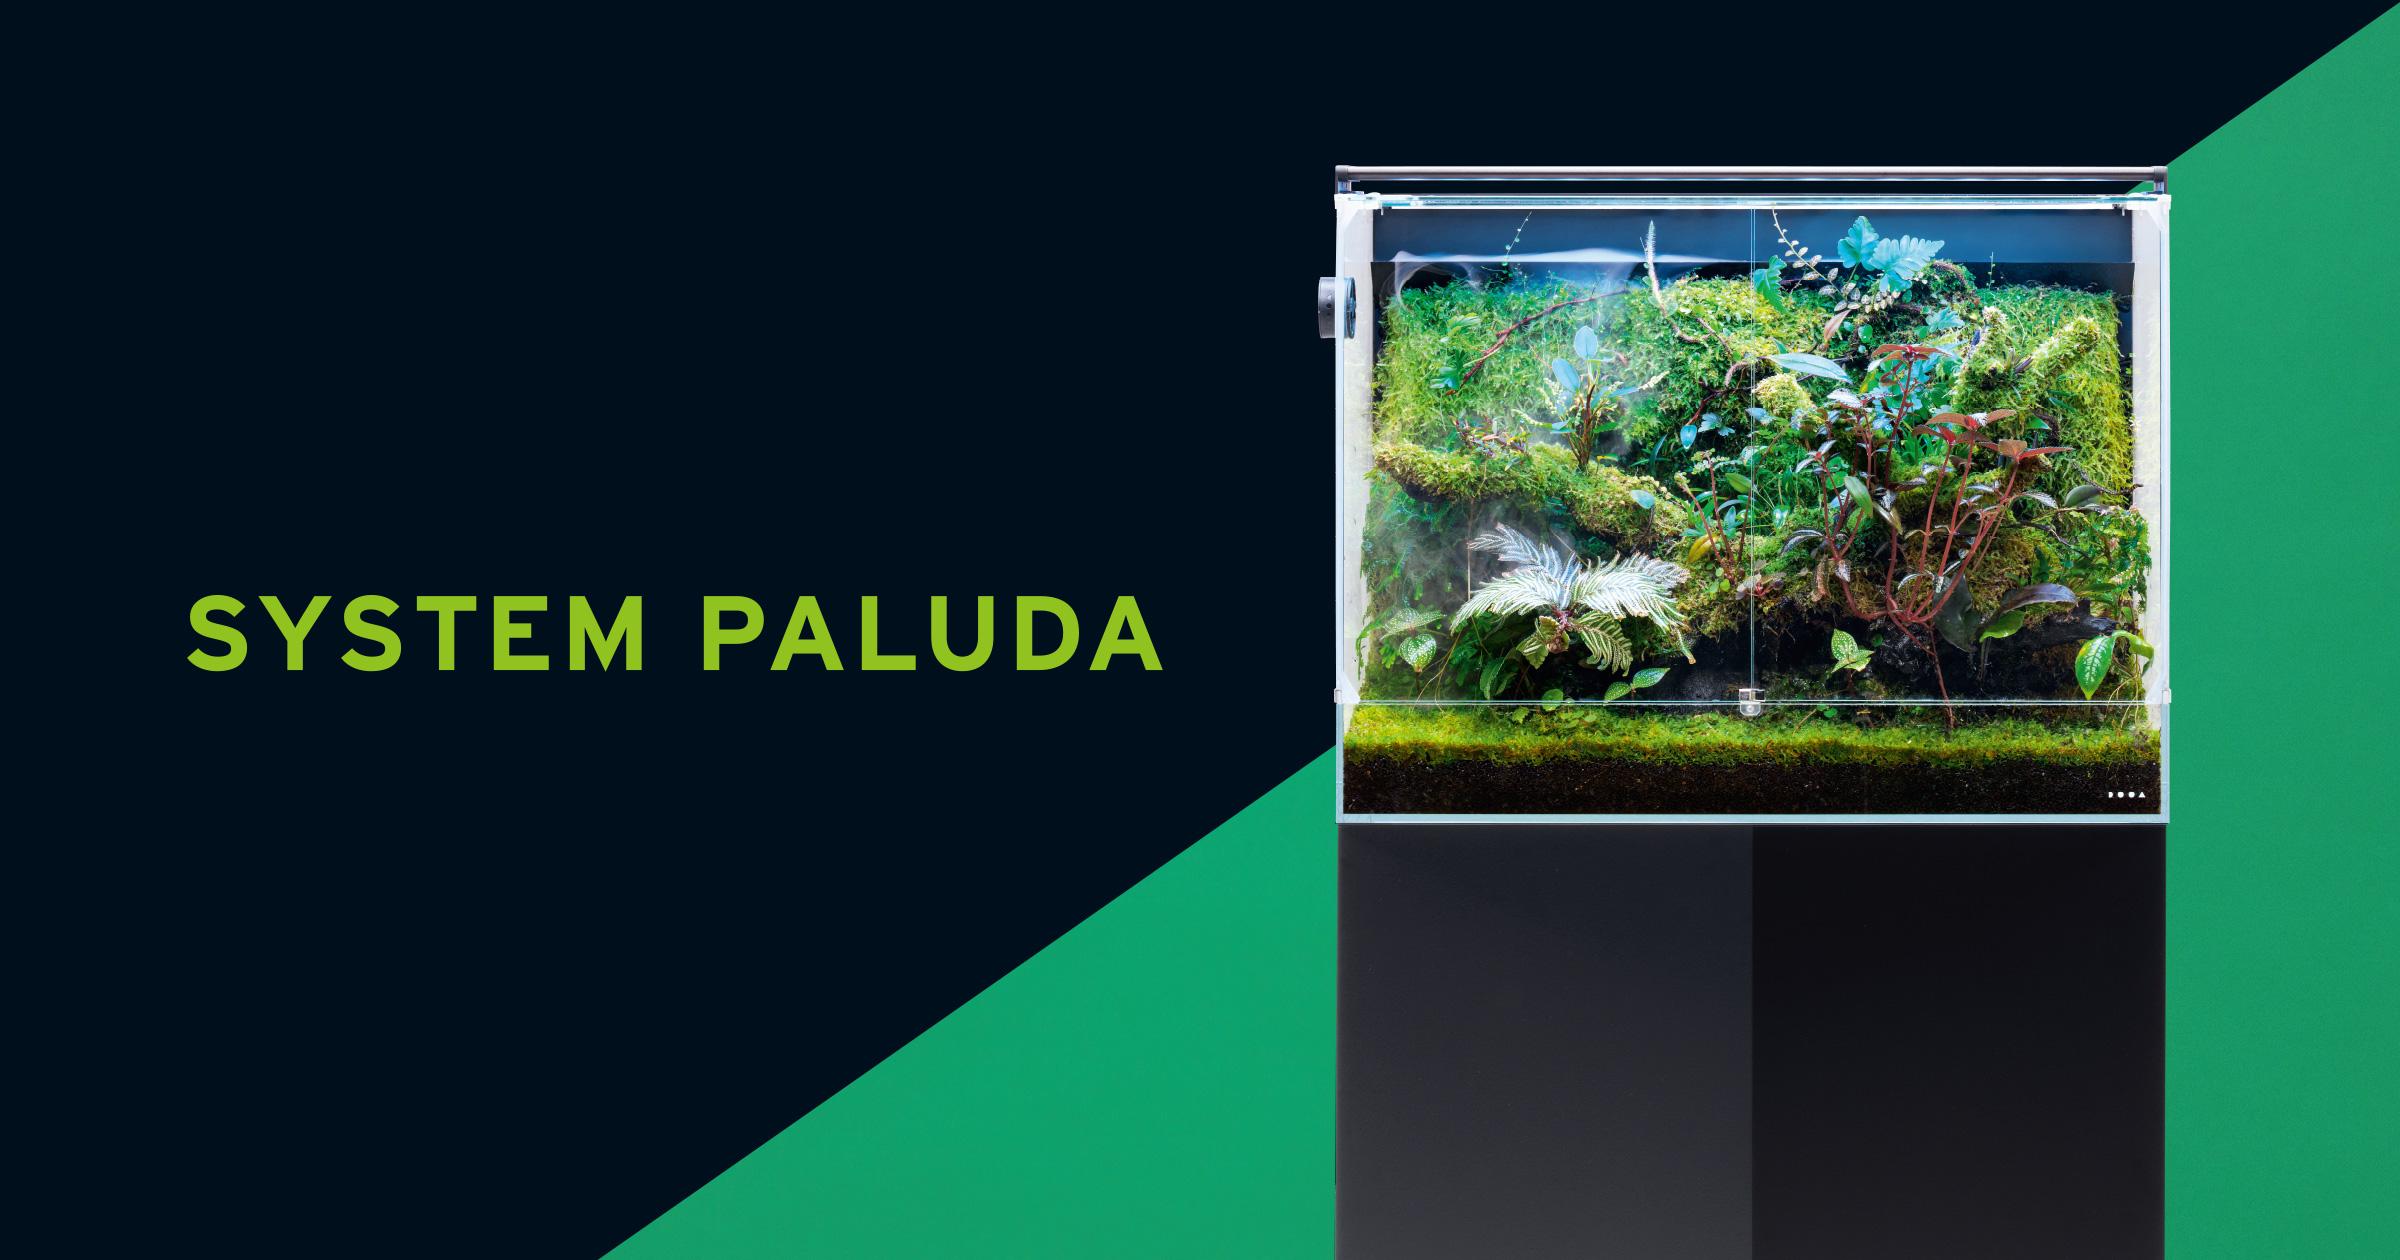 SYSTEM PALUDA 60「青い光と霧で 熱帯雲霧林の環境を再現」